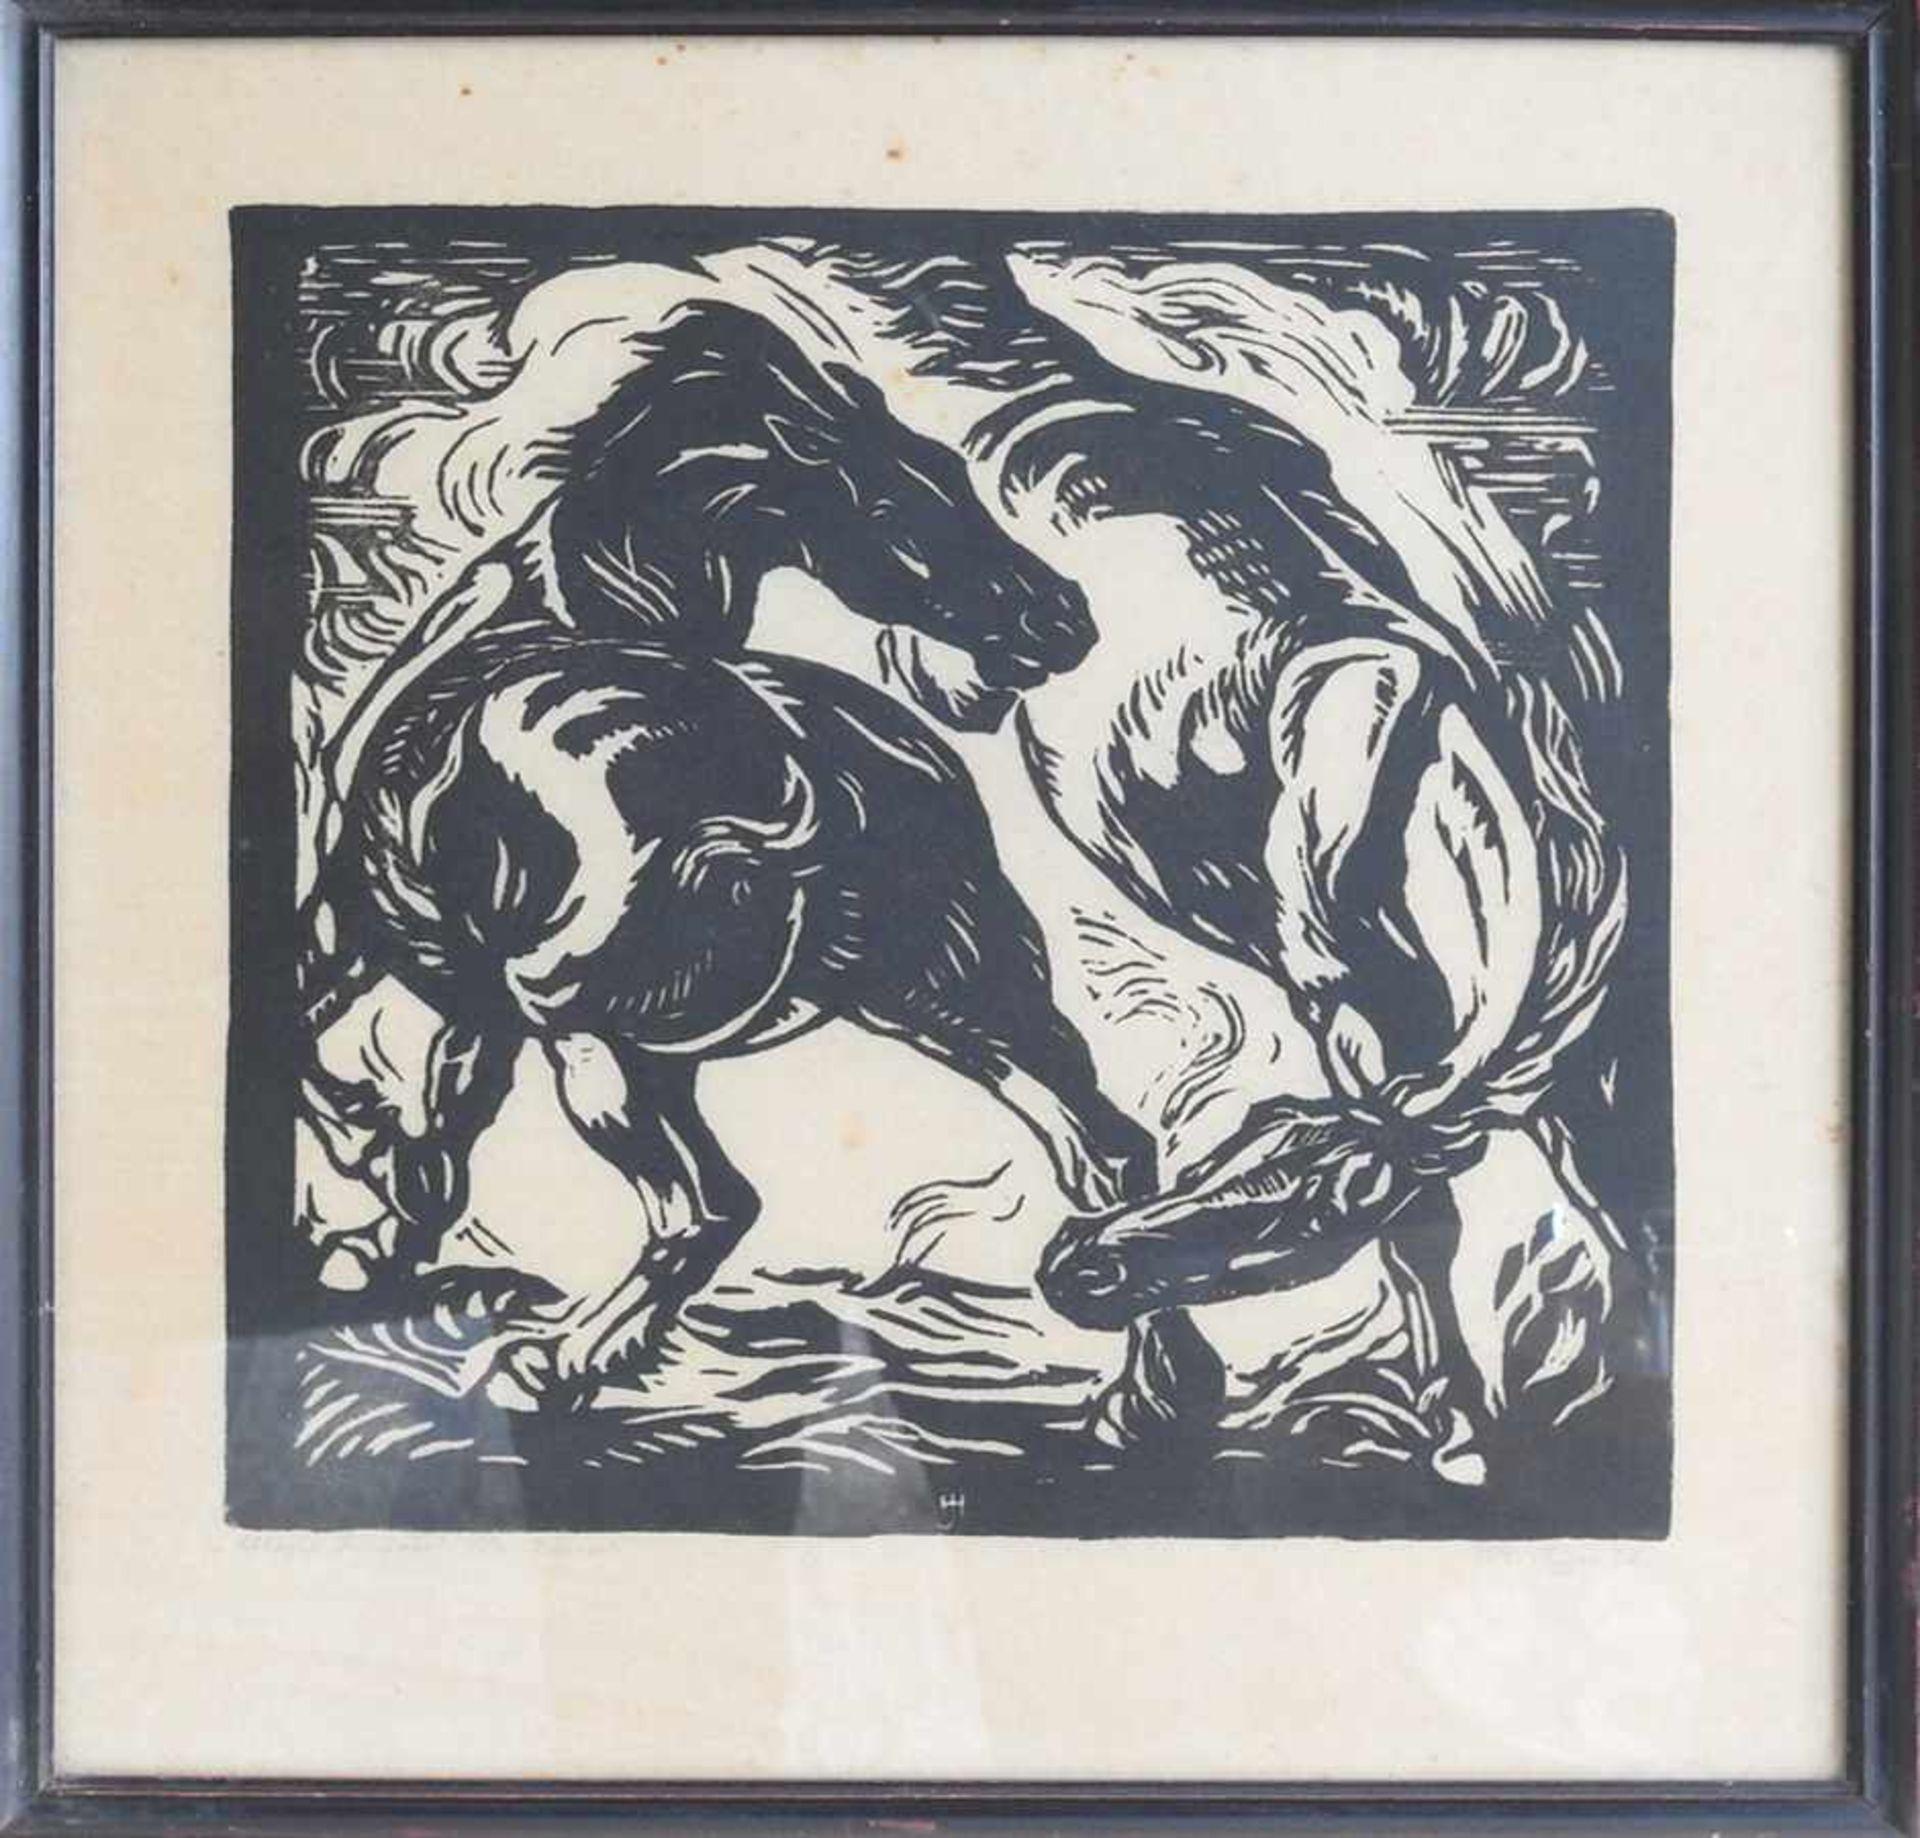 Hans Jäger, 1887 Zschopau - 1955 Dresden Holzschnitt/Papier. Pferdekampf. Rechts unten signiert, - Bild 2 aus 2